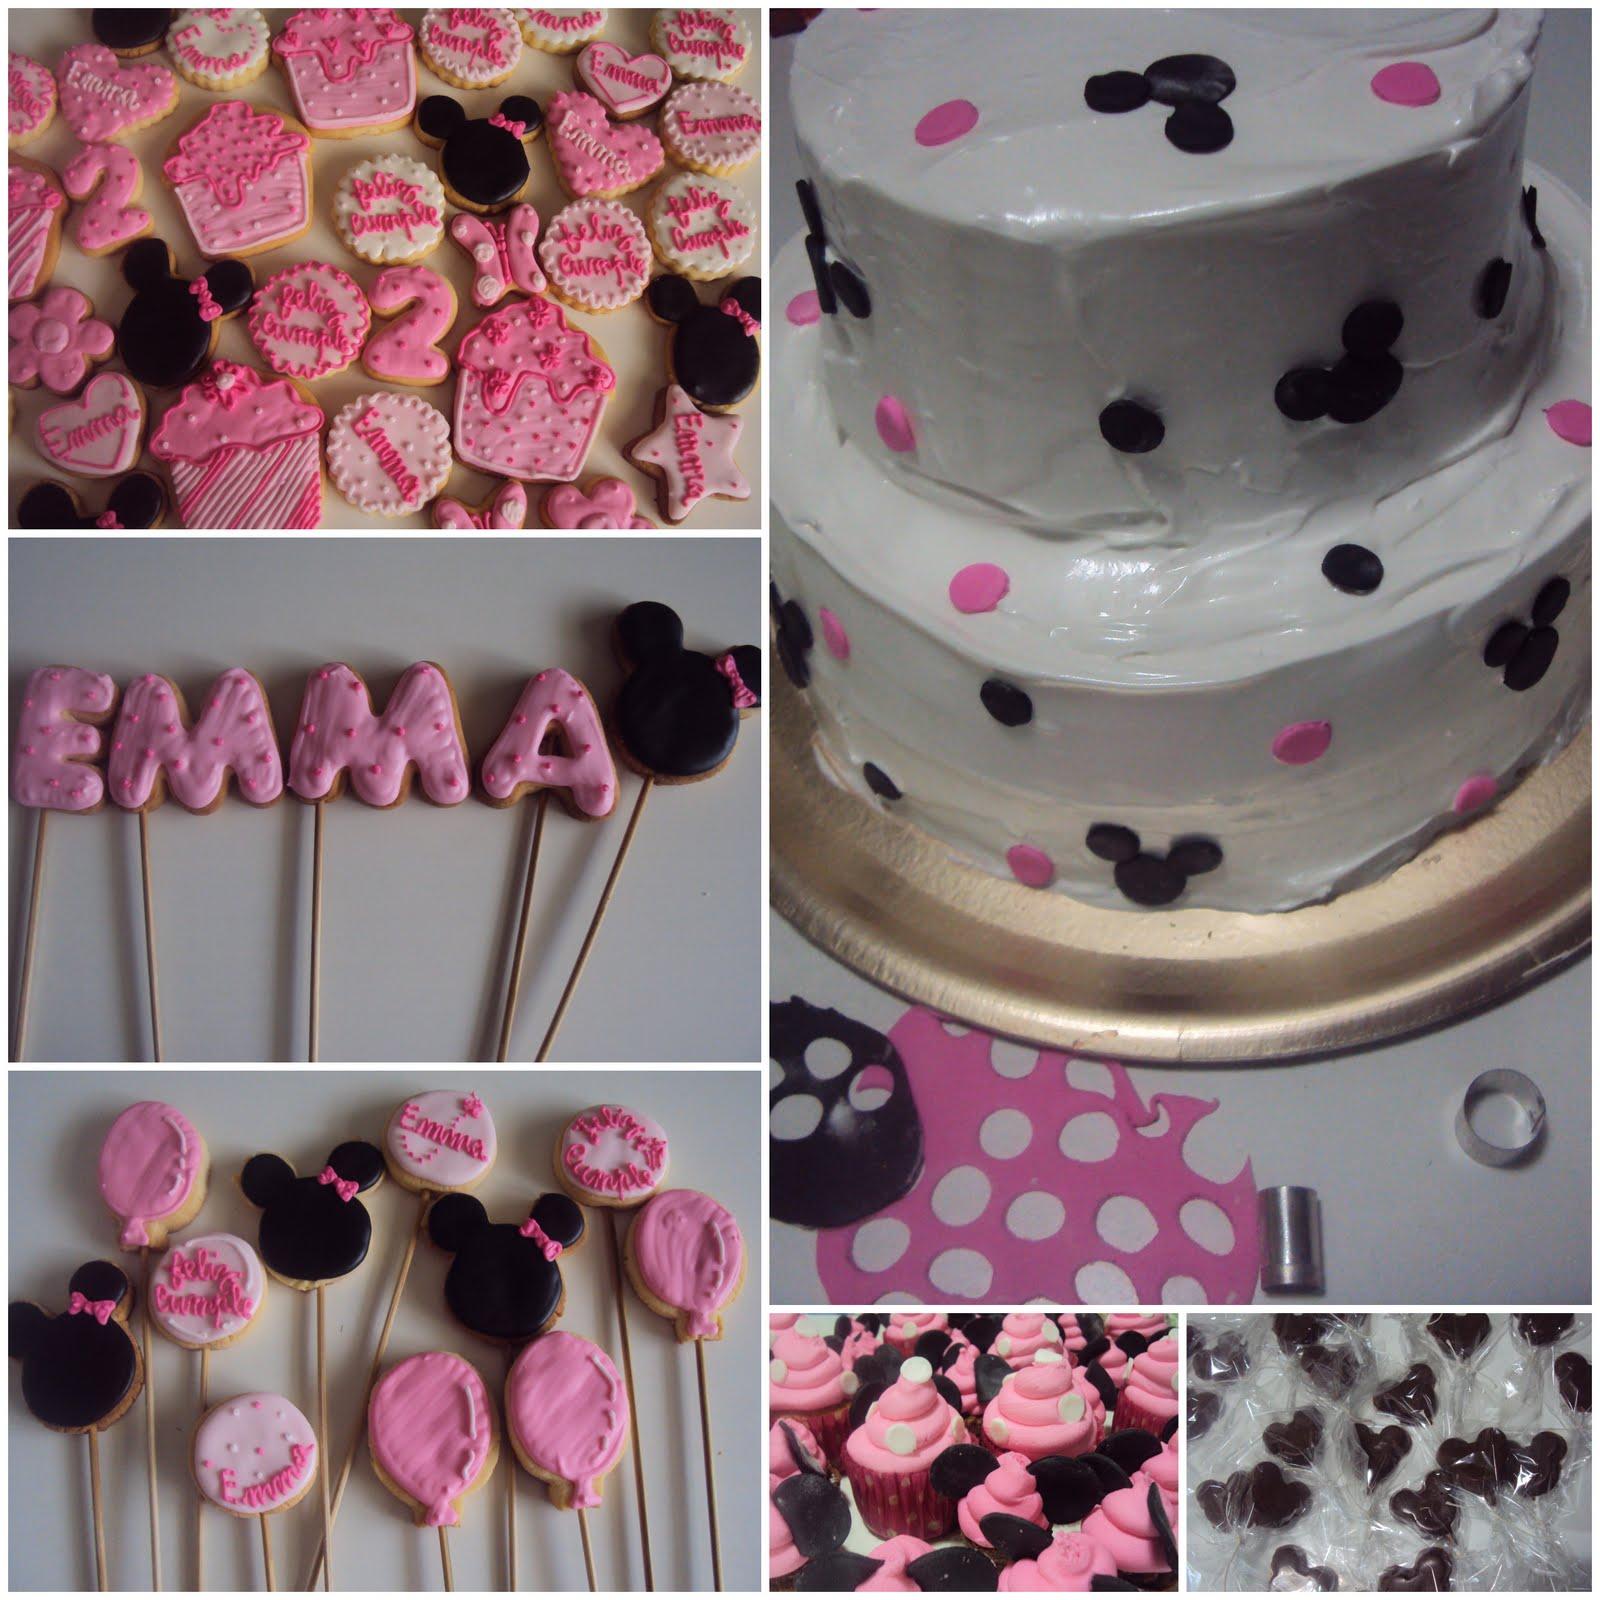 Imagenes de mini para cumpleaños - Imagui